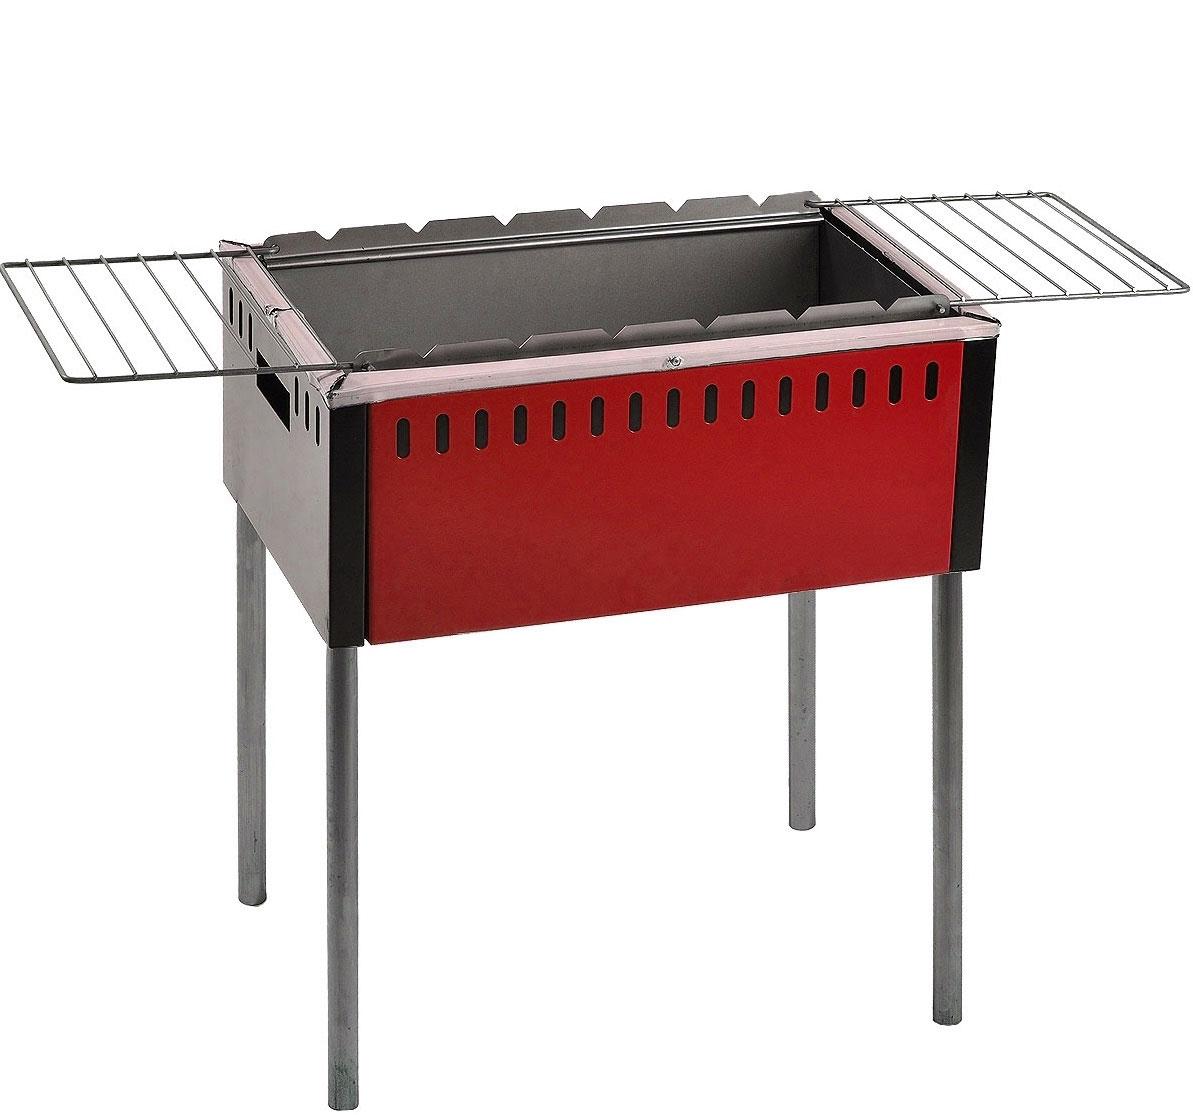 Мангал с откидными решетками Safer, цвет: серый, красный